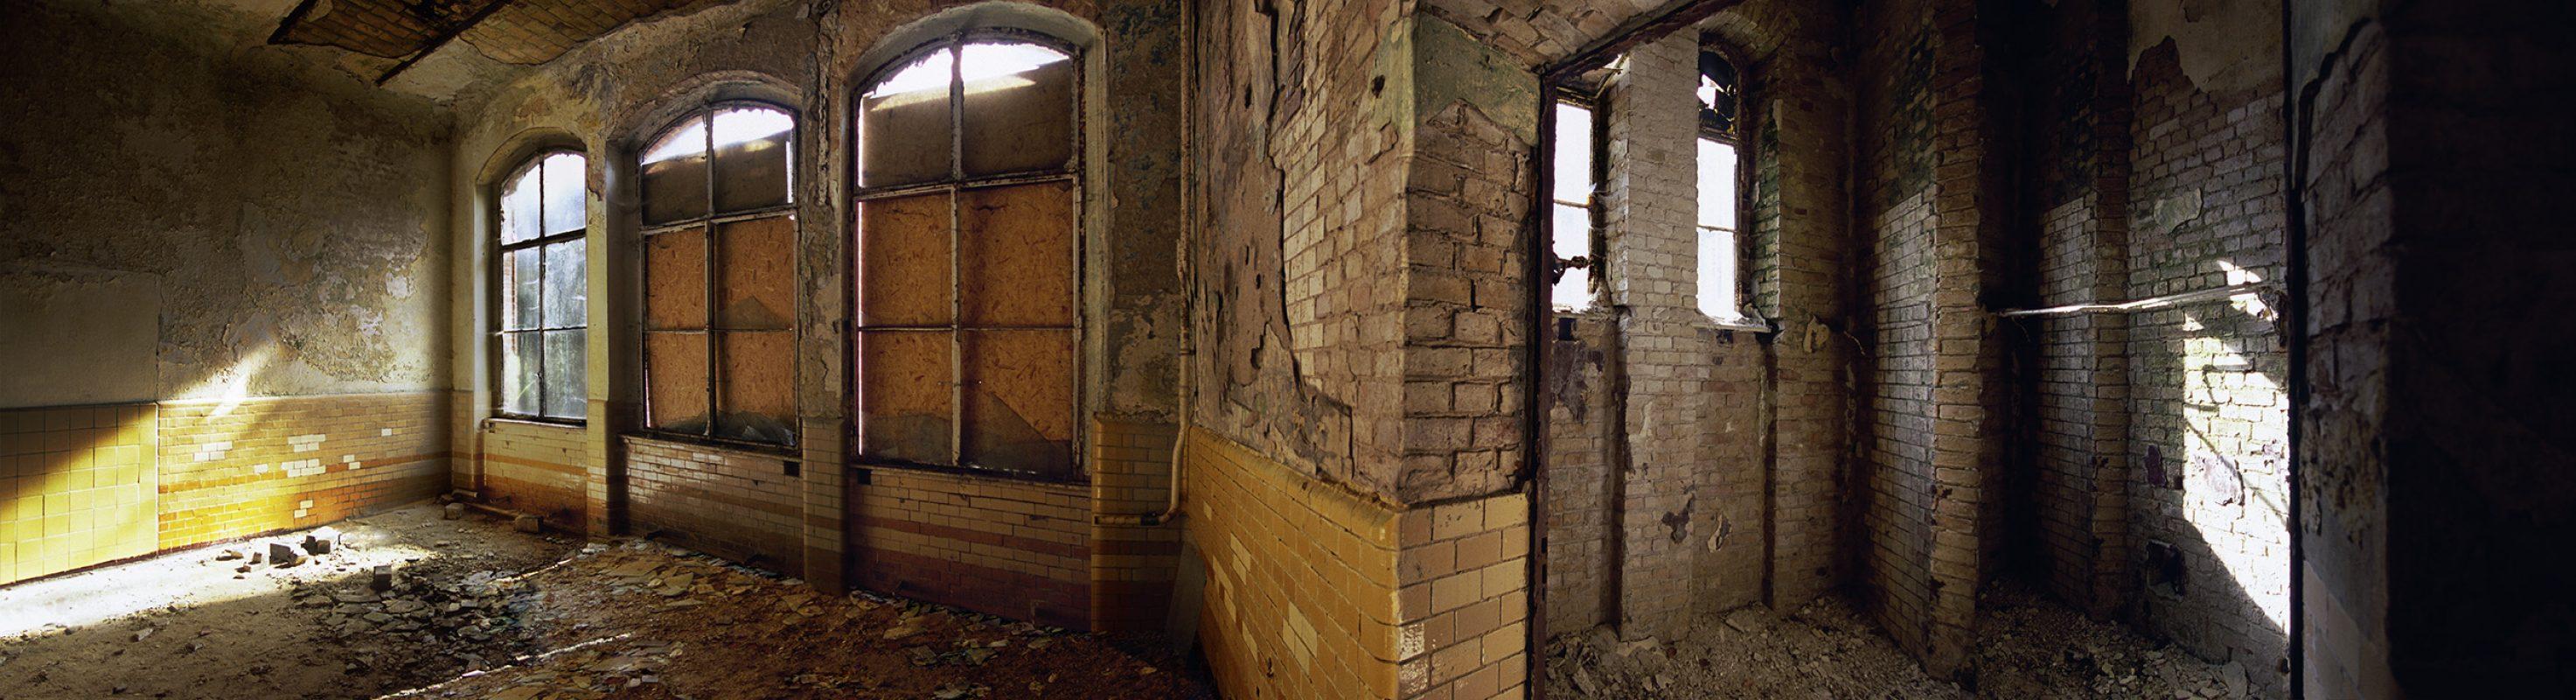 Beelitz-Heilstätten, Ziegelkeller